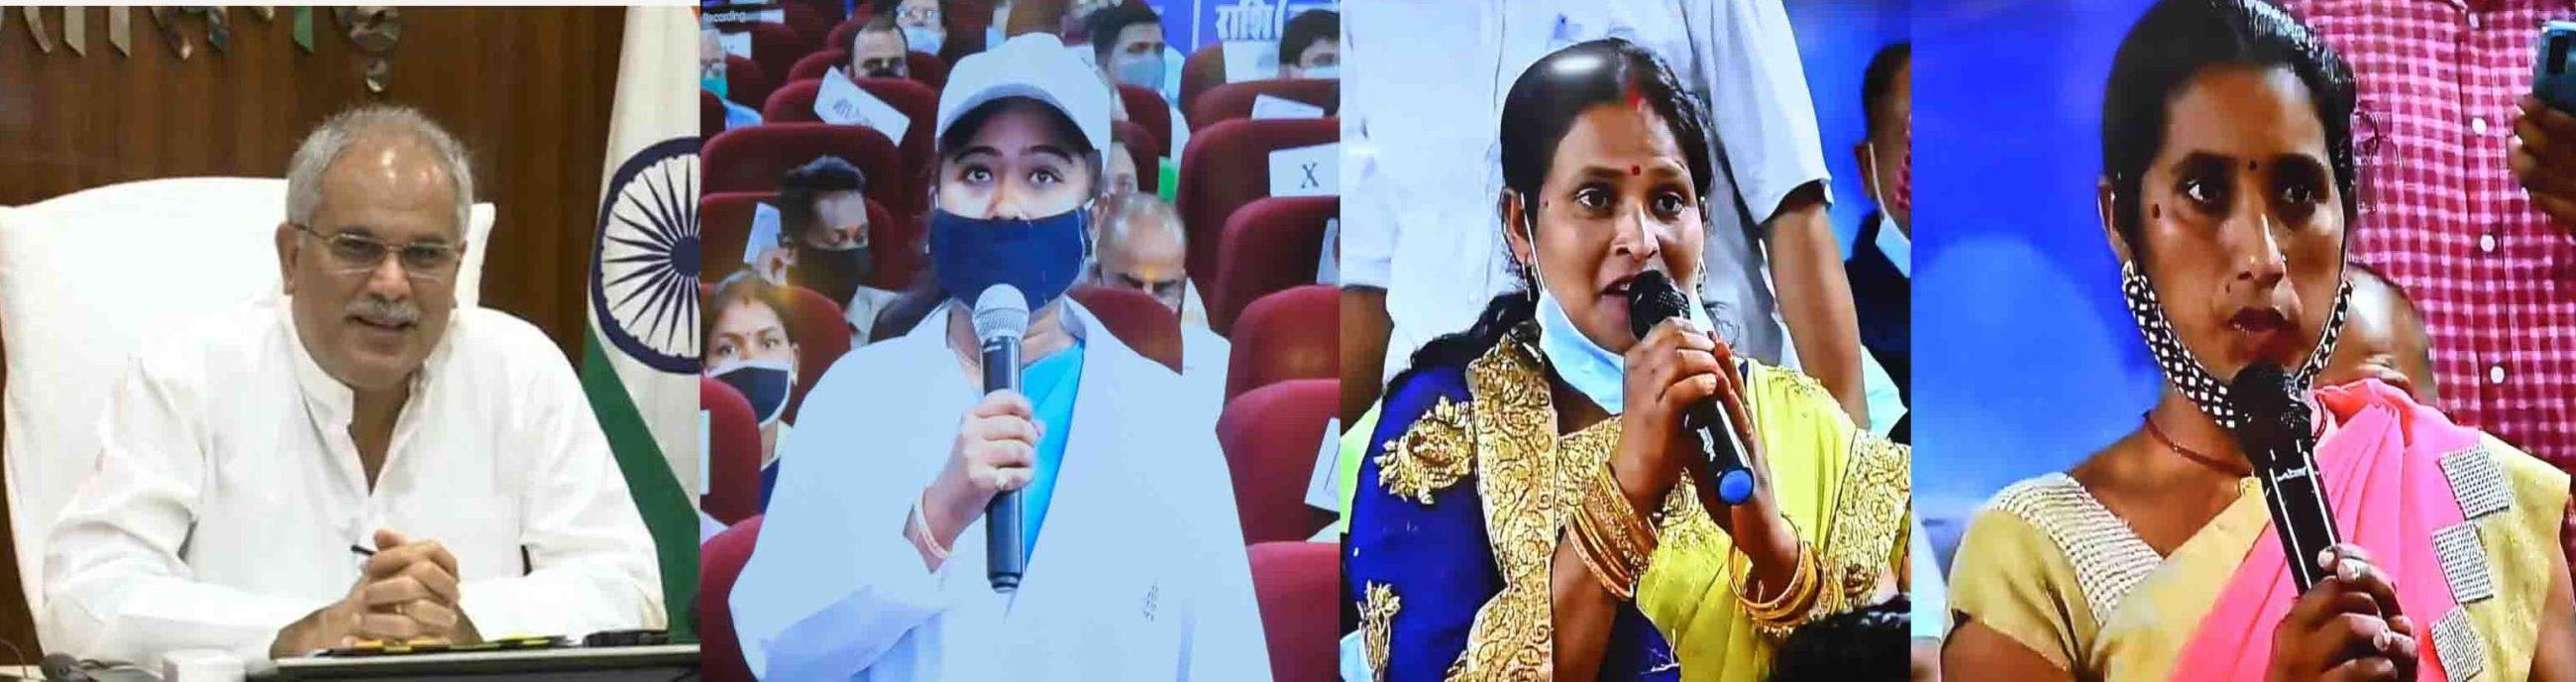 धन्य है आपका मुख्यमंत्री जी, जो हमारे हाथों में काम देकर गरीबी दूर किया... : सीता, गीता और हीना की बानगी सुन मुख्यमंत्री ने दी बधाई